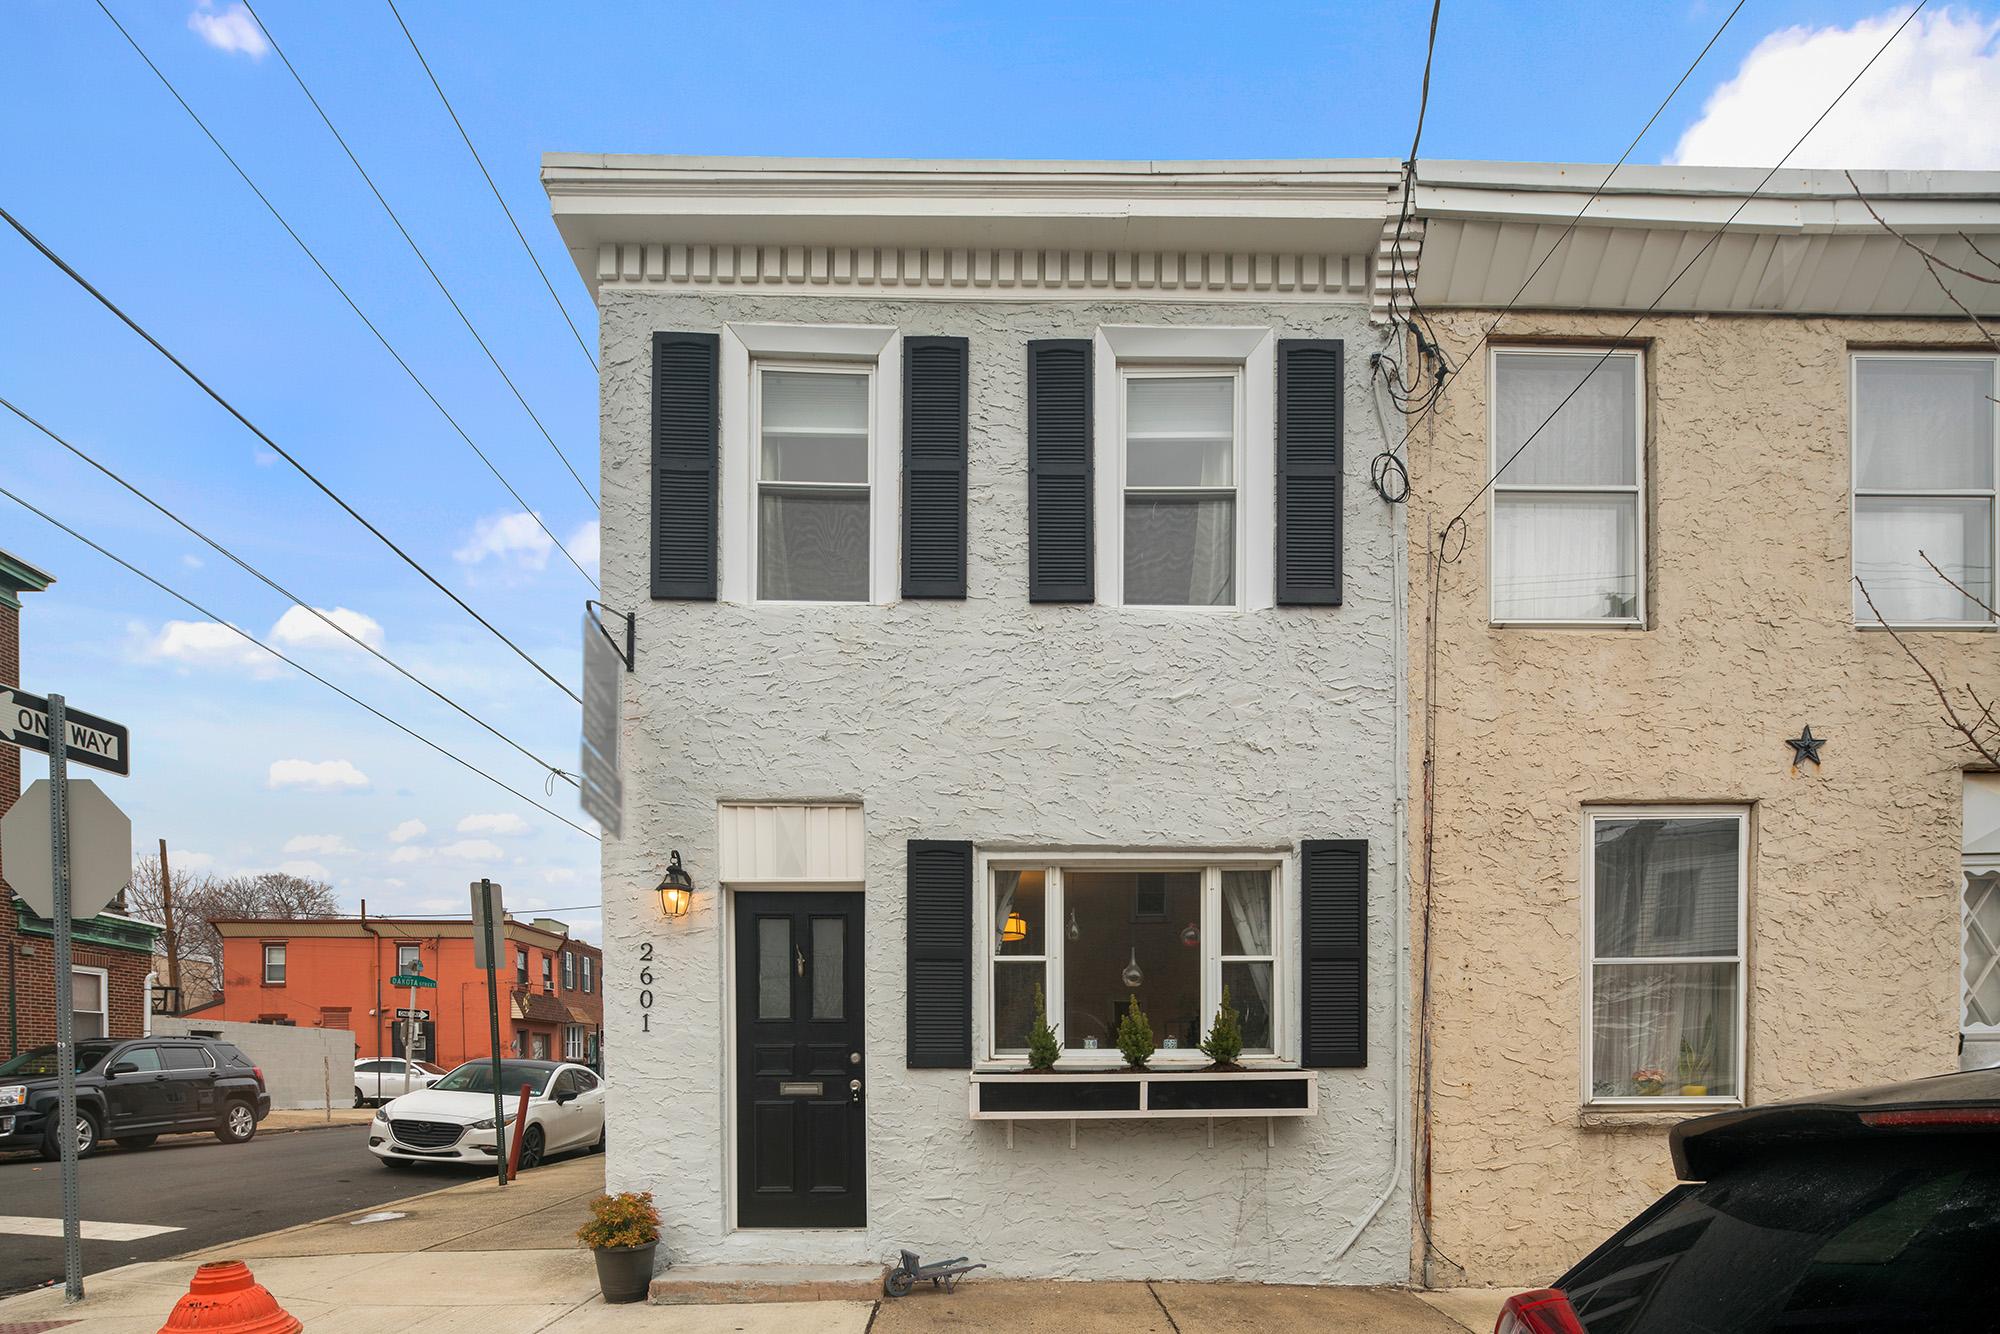 Sold | 2601 East Dauphin Street - Fishtown, Philadelphia, PA, 19125